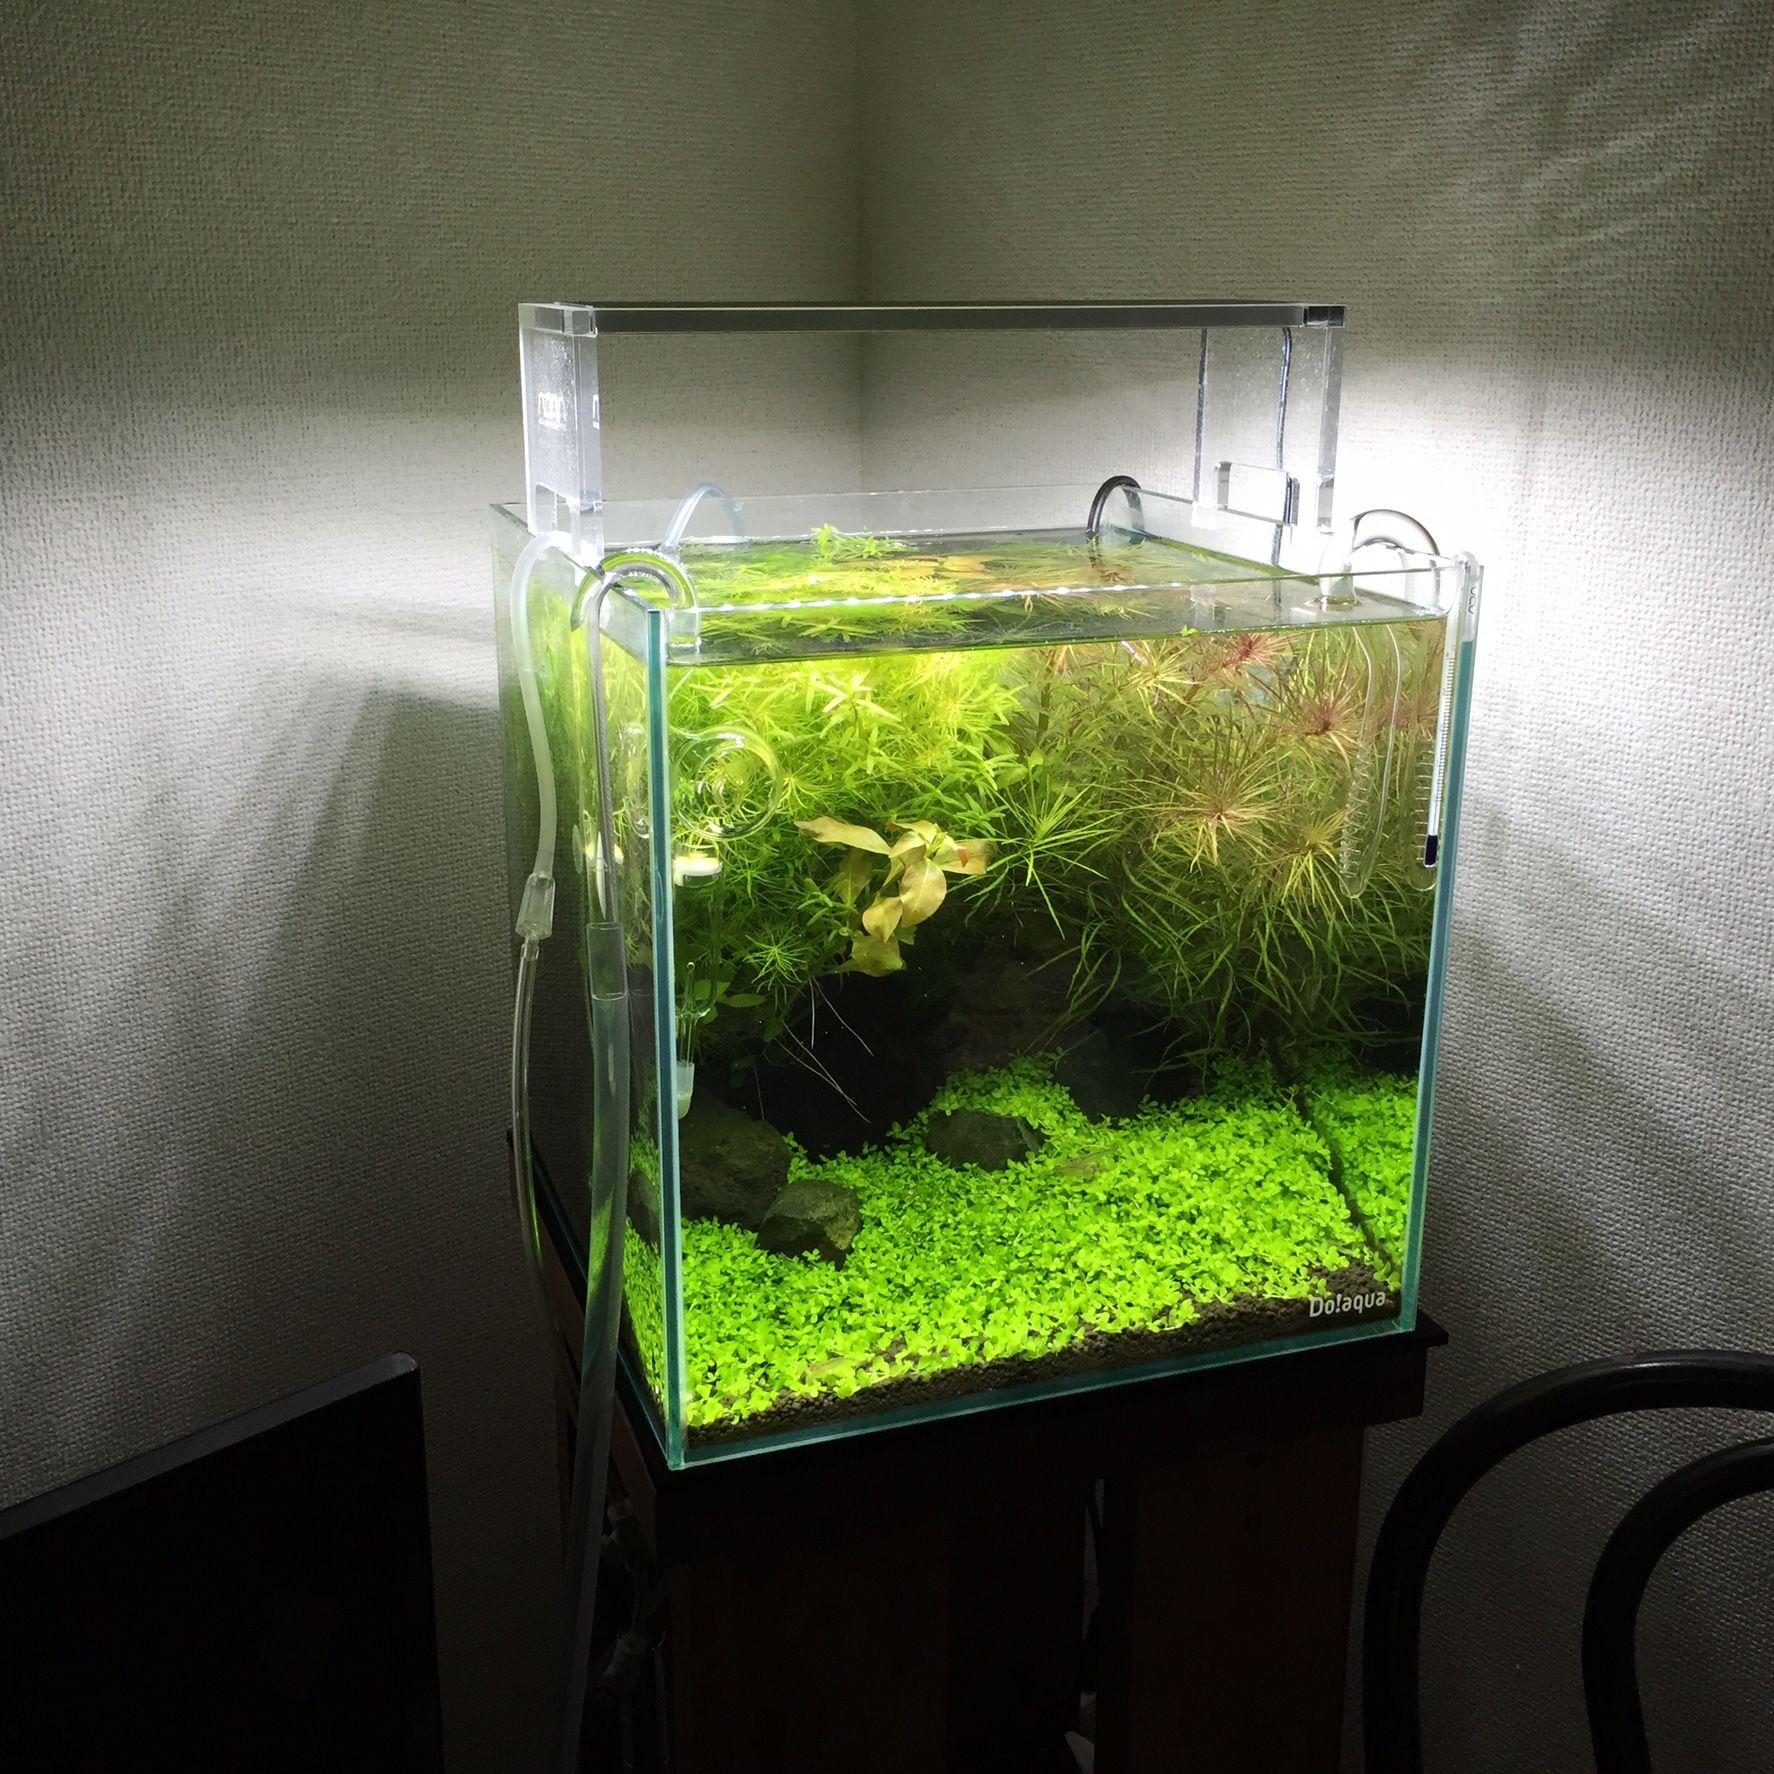 3 Ide dekorasi mini dari aquarium ini bisa mempercantik ruangan